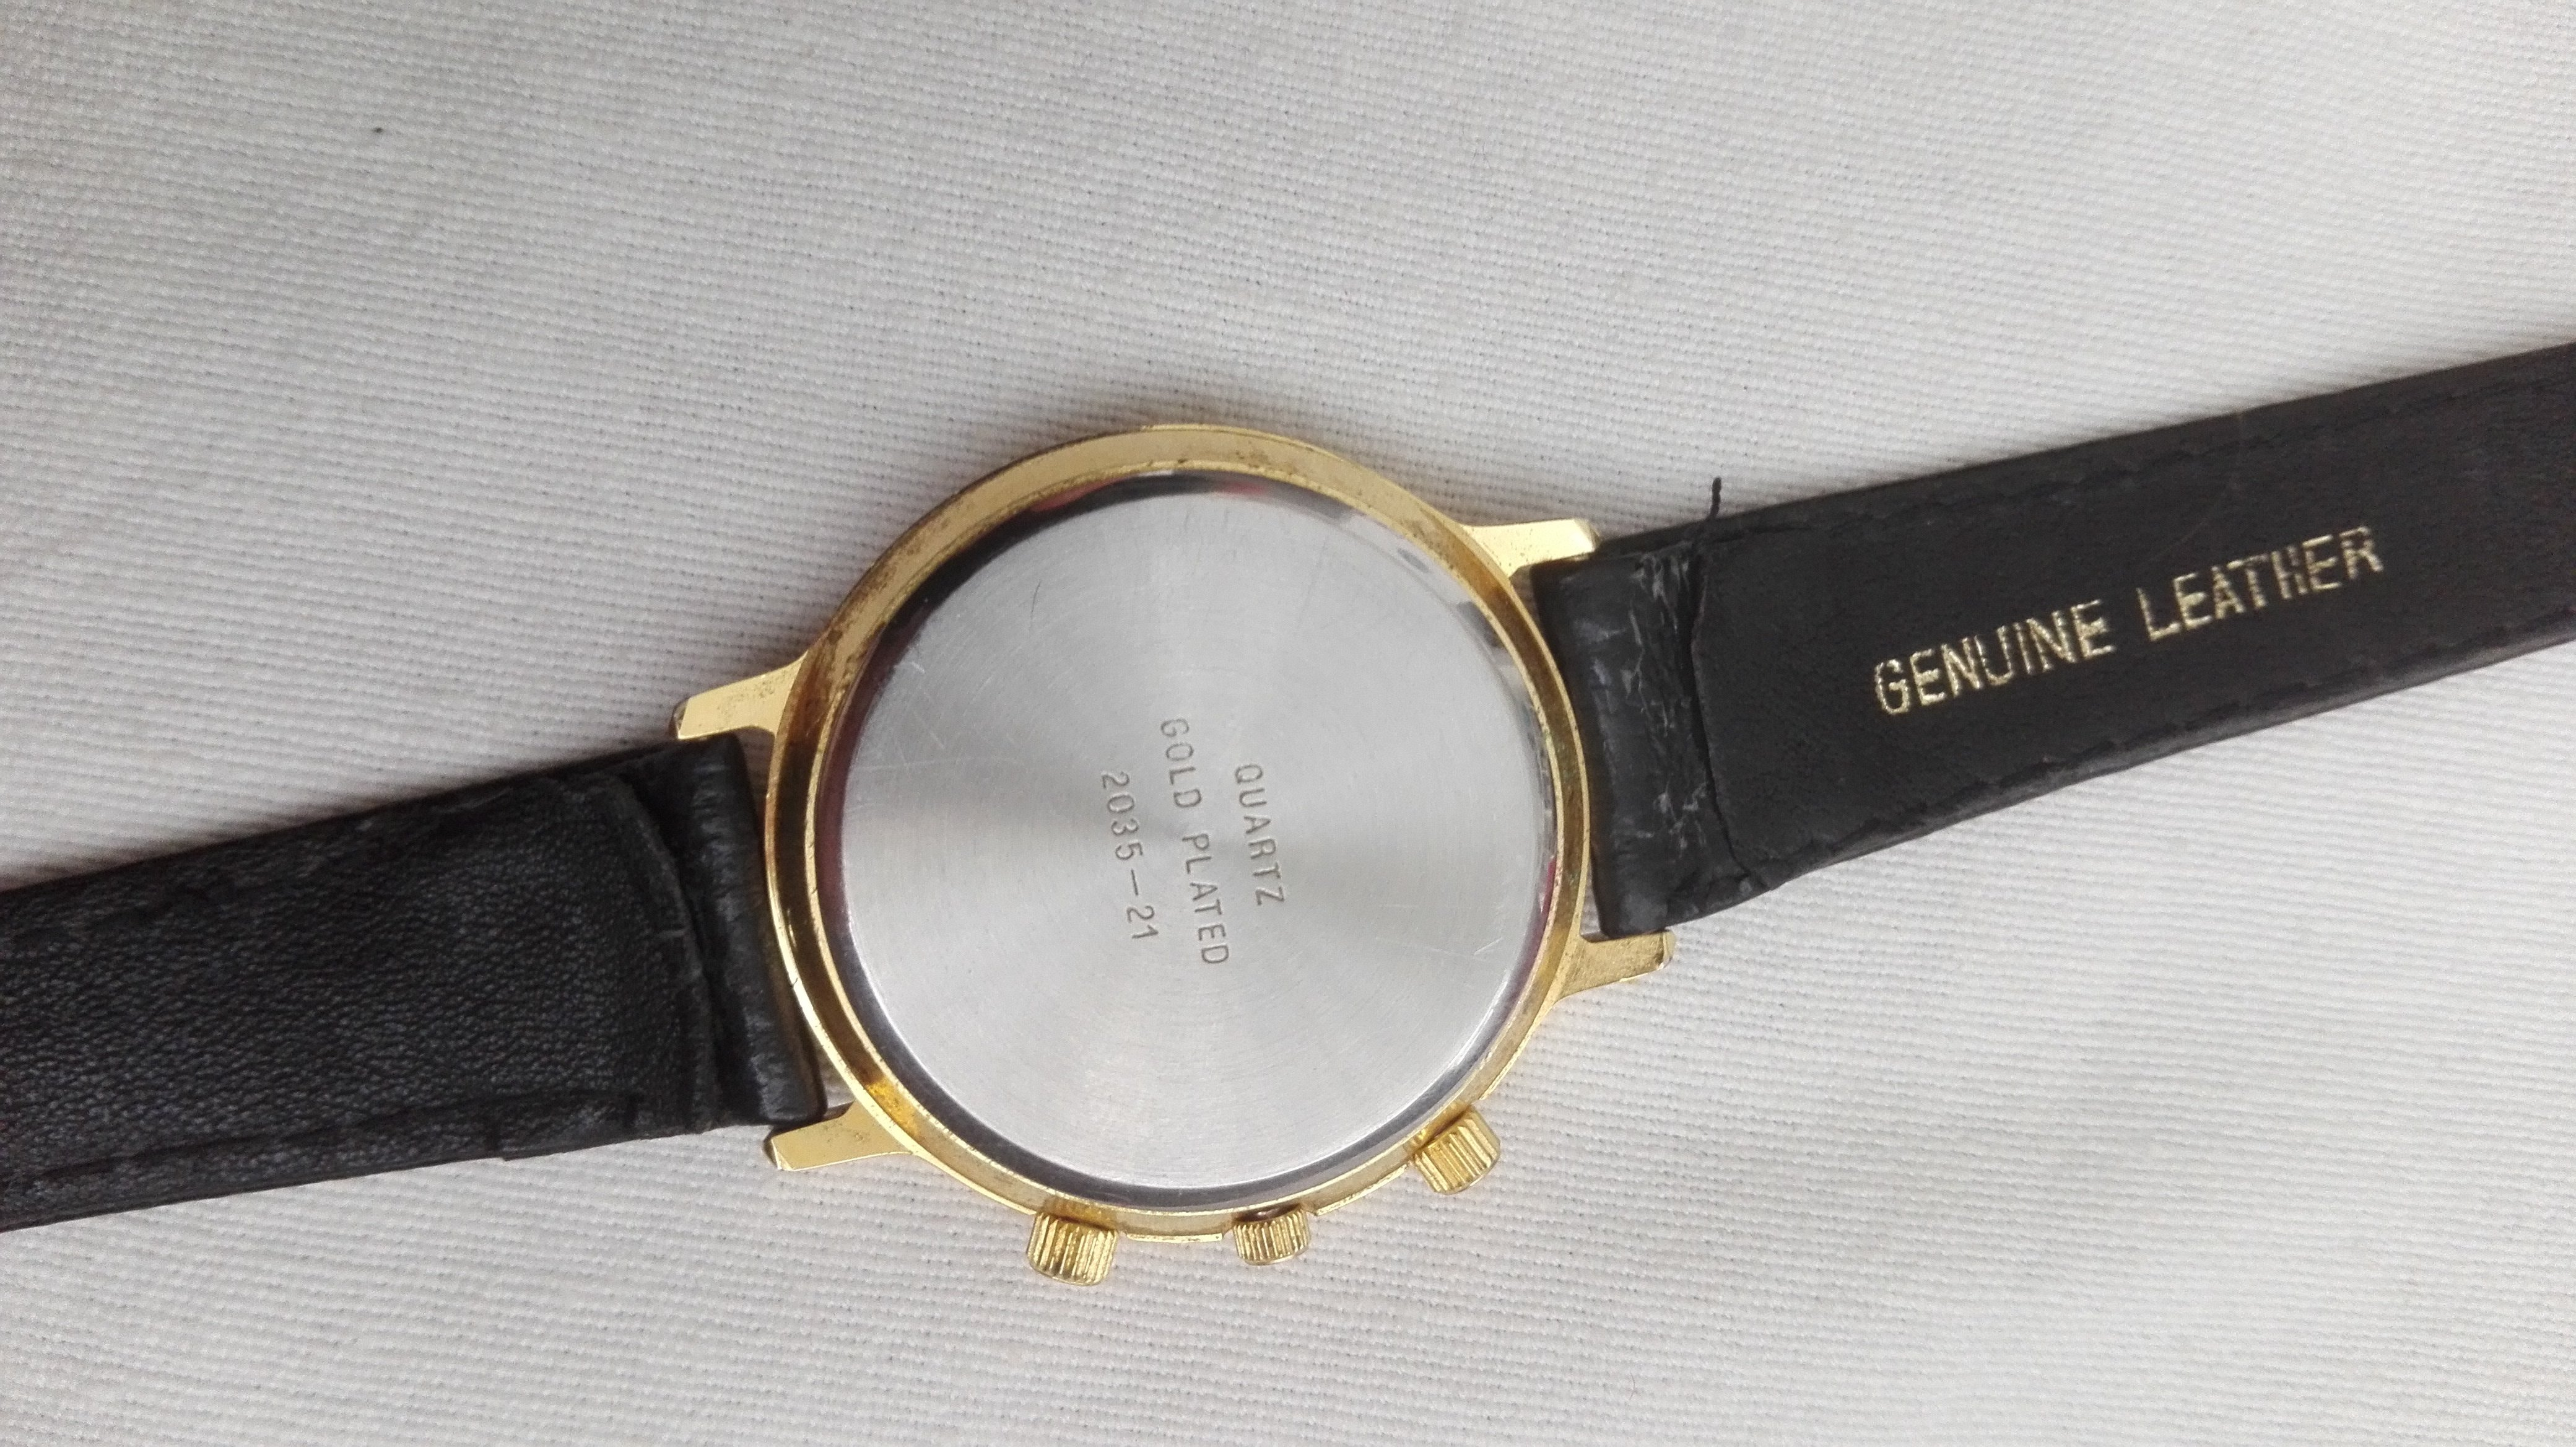 Echte Cartier? Of neppert? , Algemene Horlogepraat